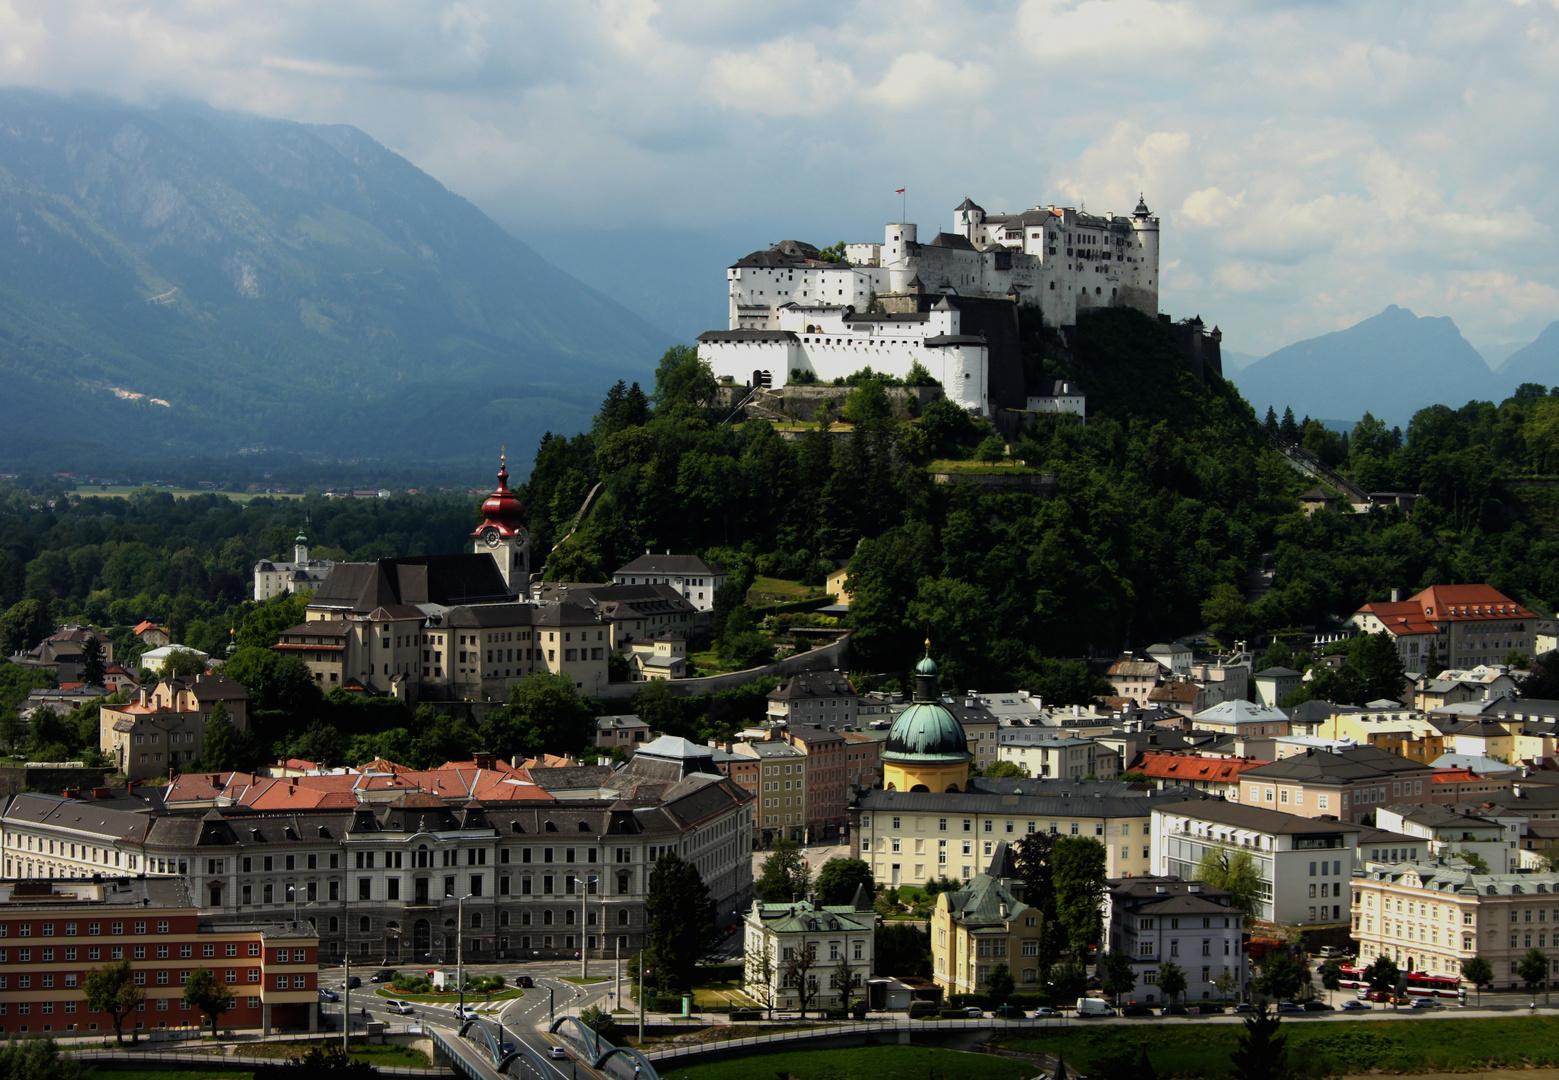 Festung zu Hohen Salzburg